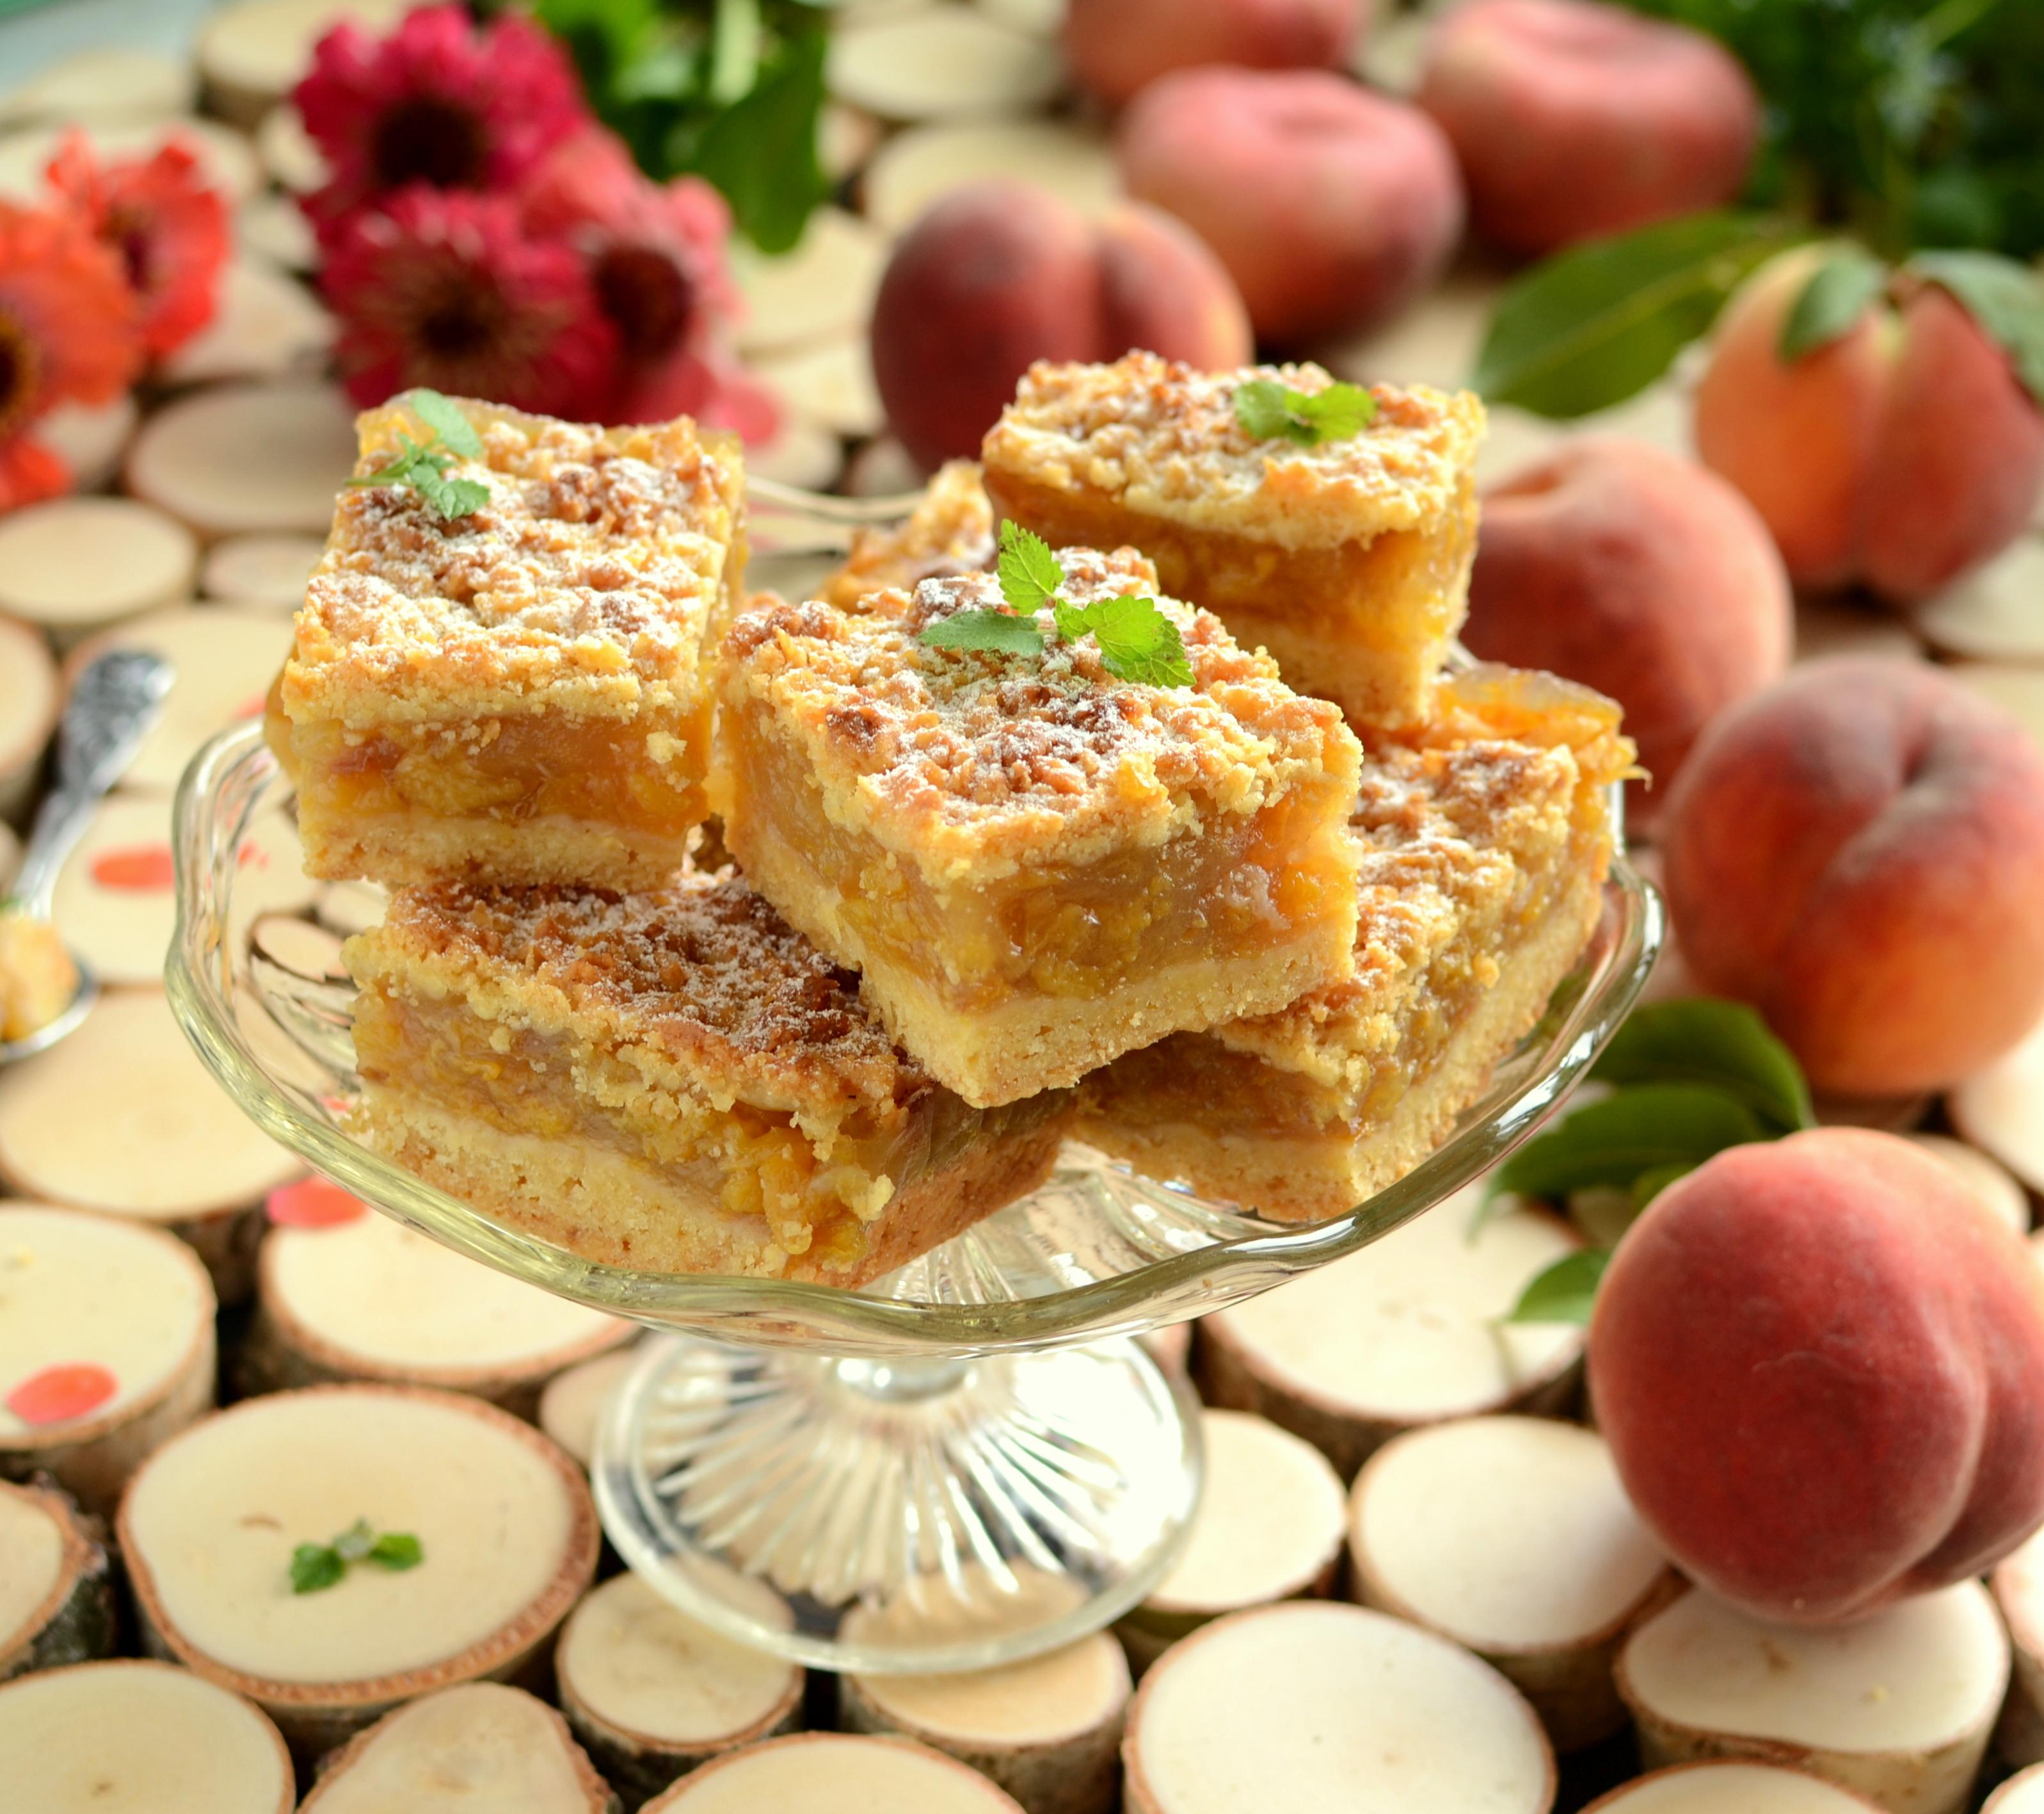 Kruche ciasto z brzoskwinią